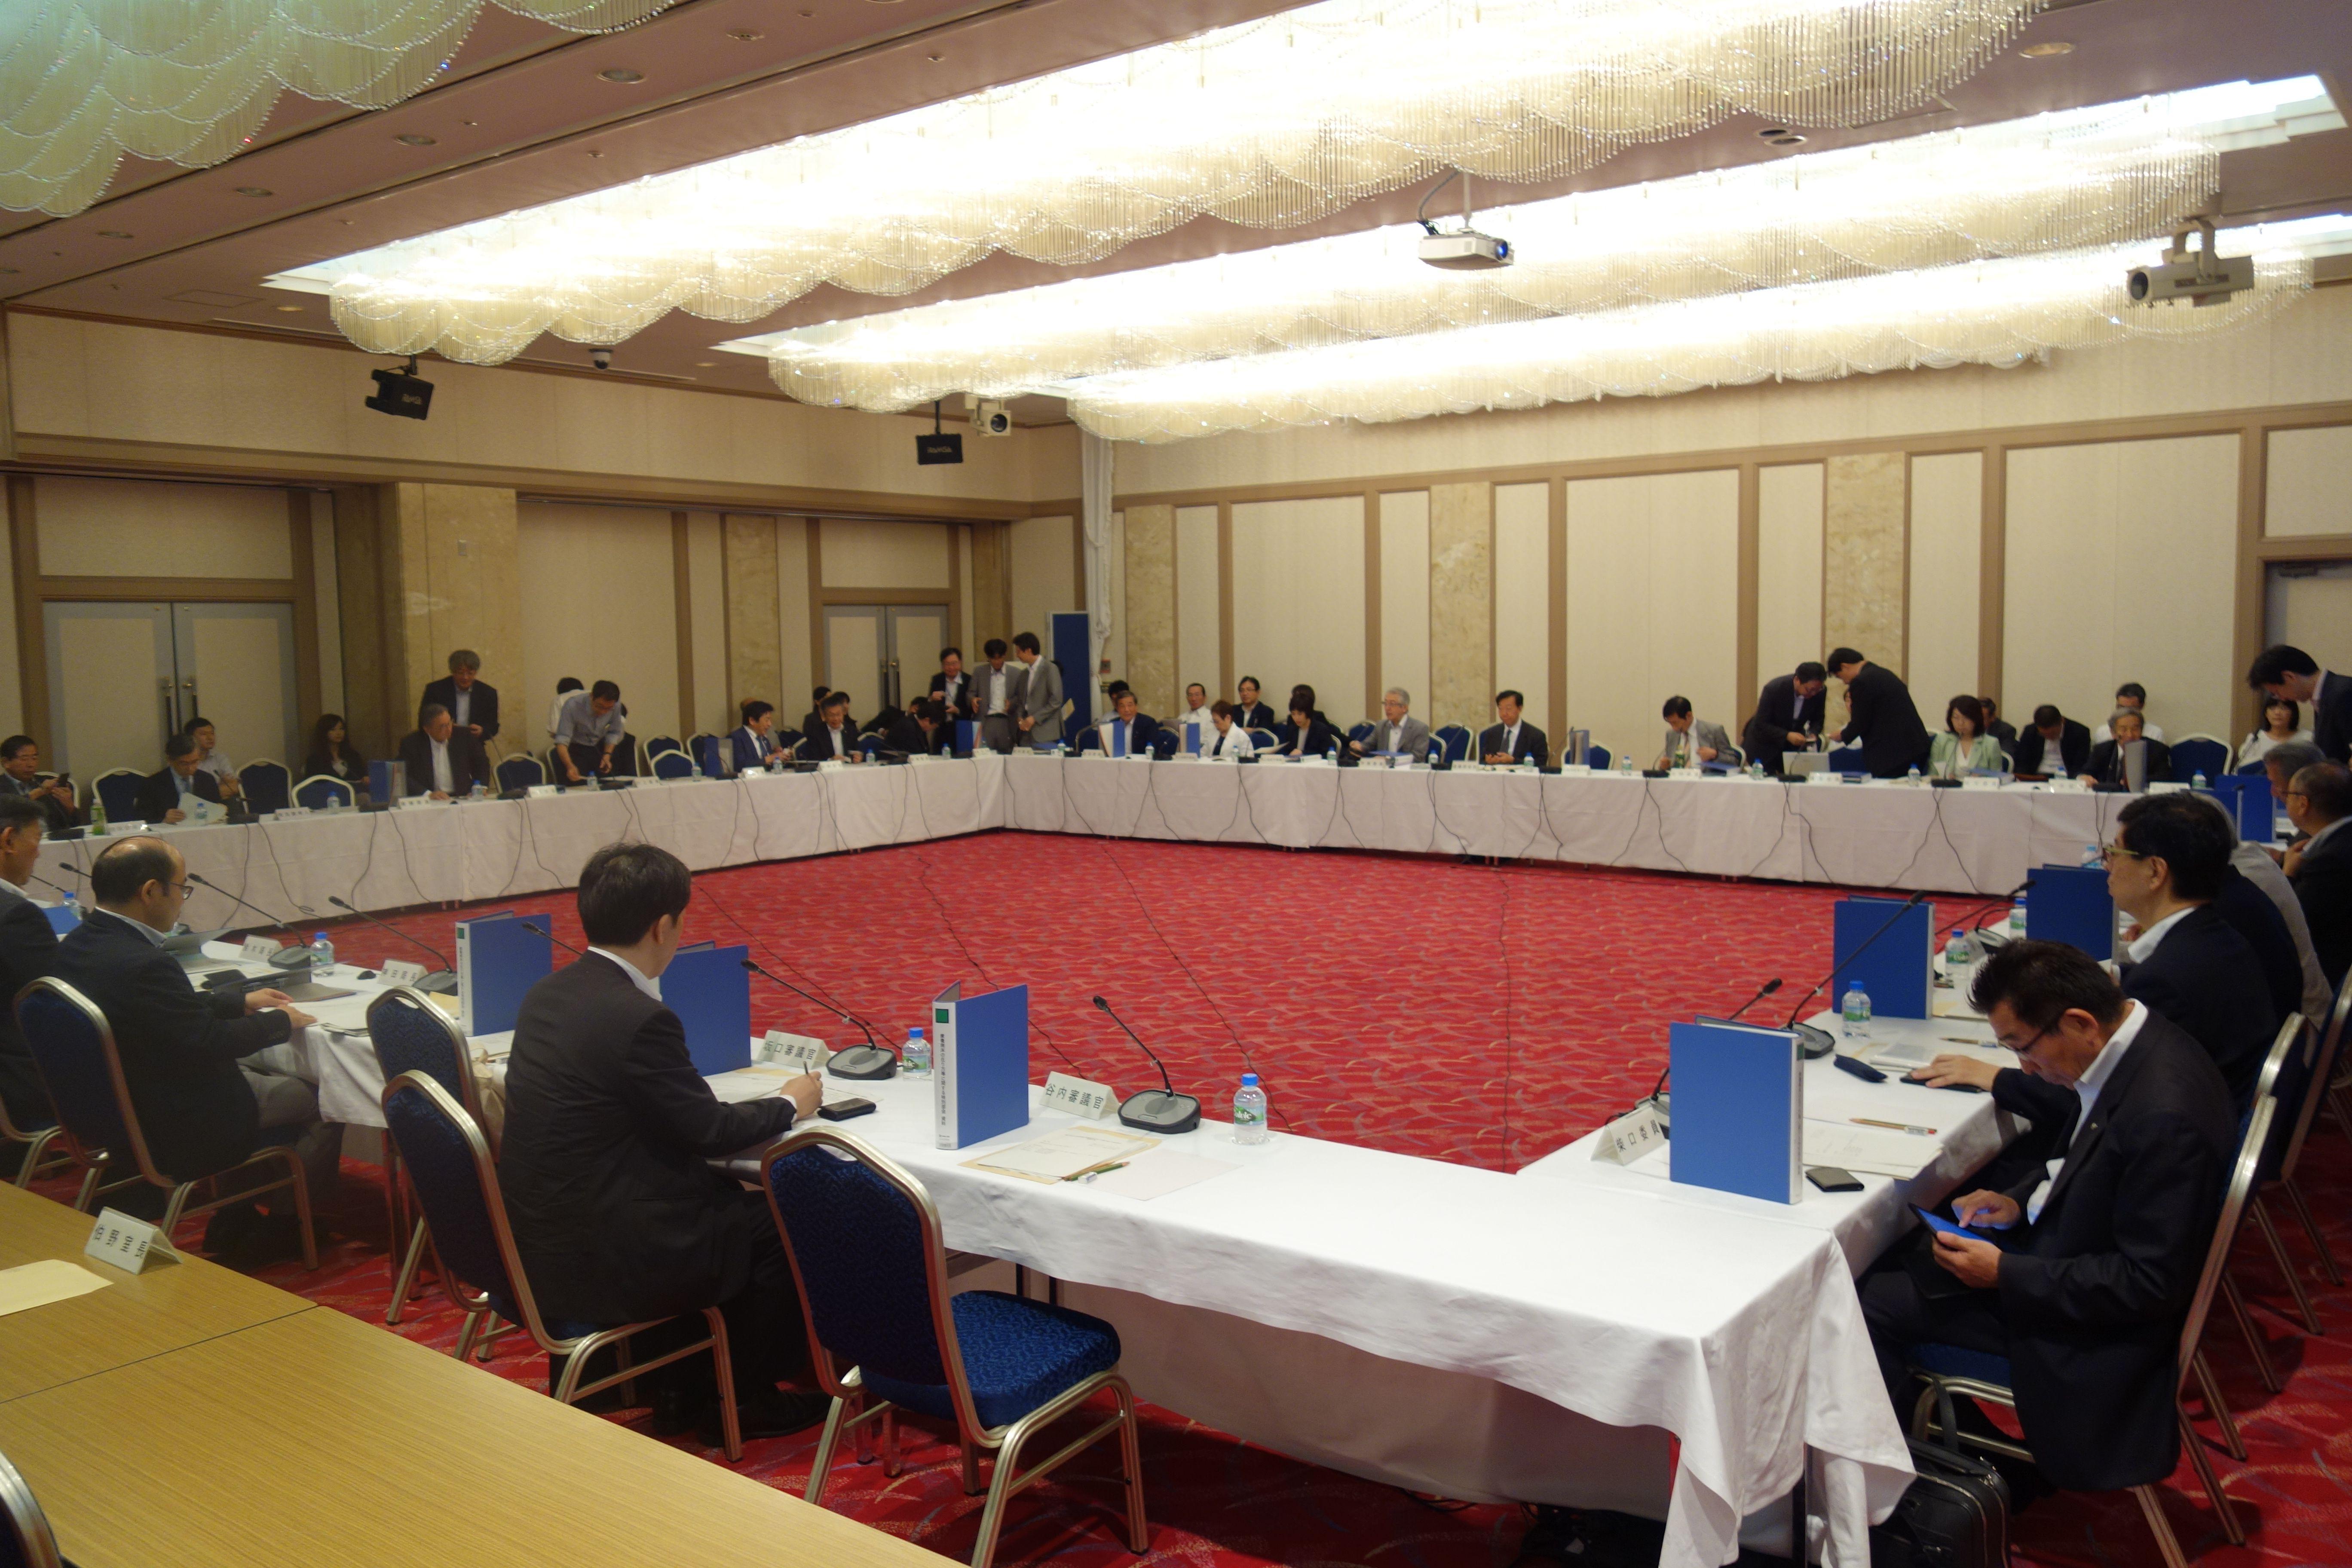 6月22日に開催された、「第2回 社会保障審議会 療養病床のあり方等に関する特別部会」